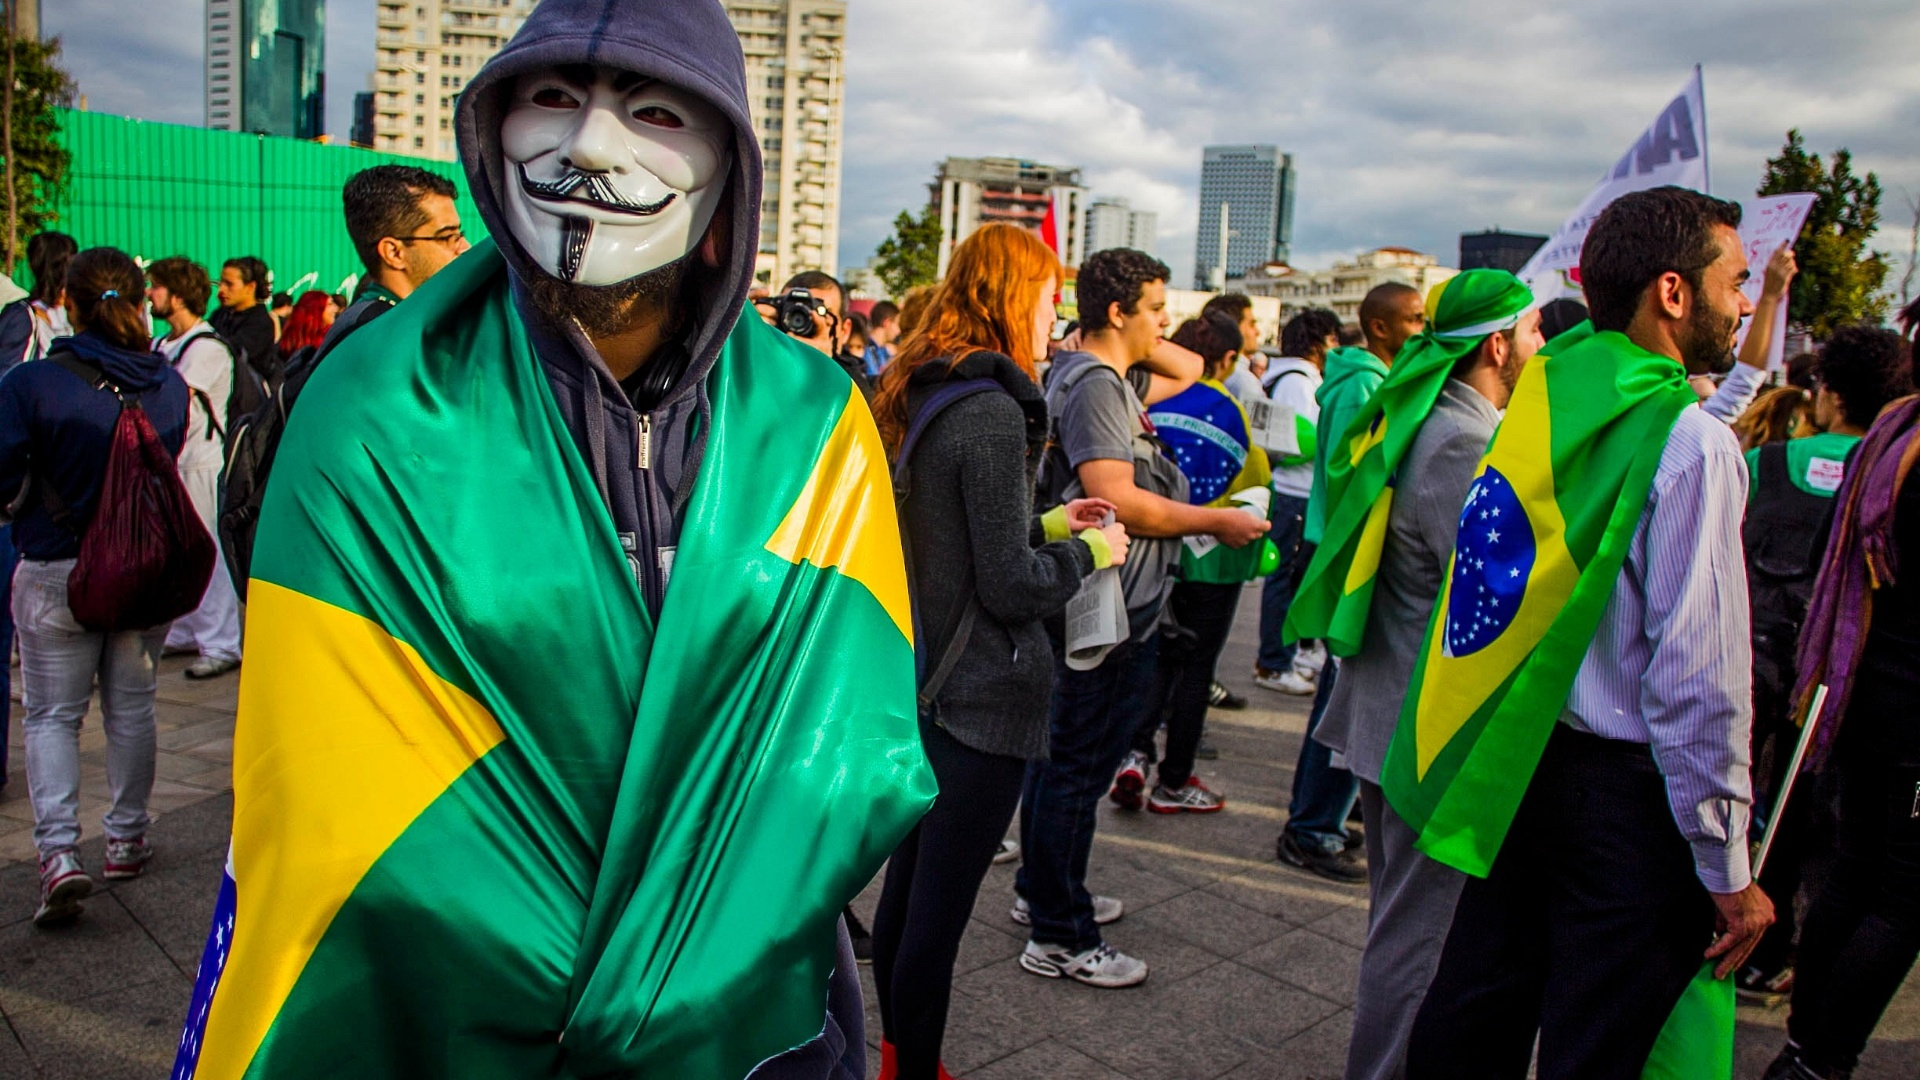 O brasileiro é quem deve fazer Política no Brasil